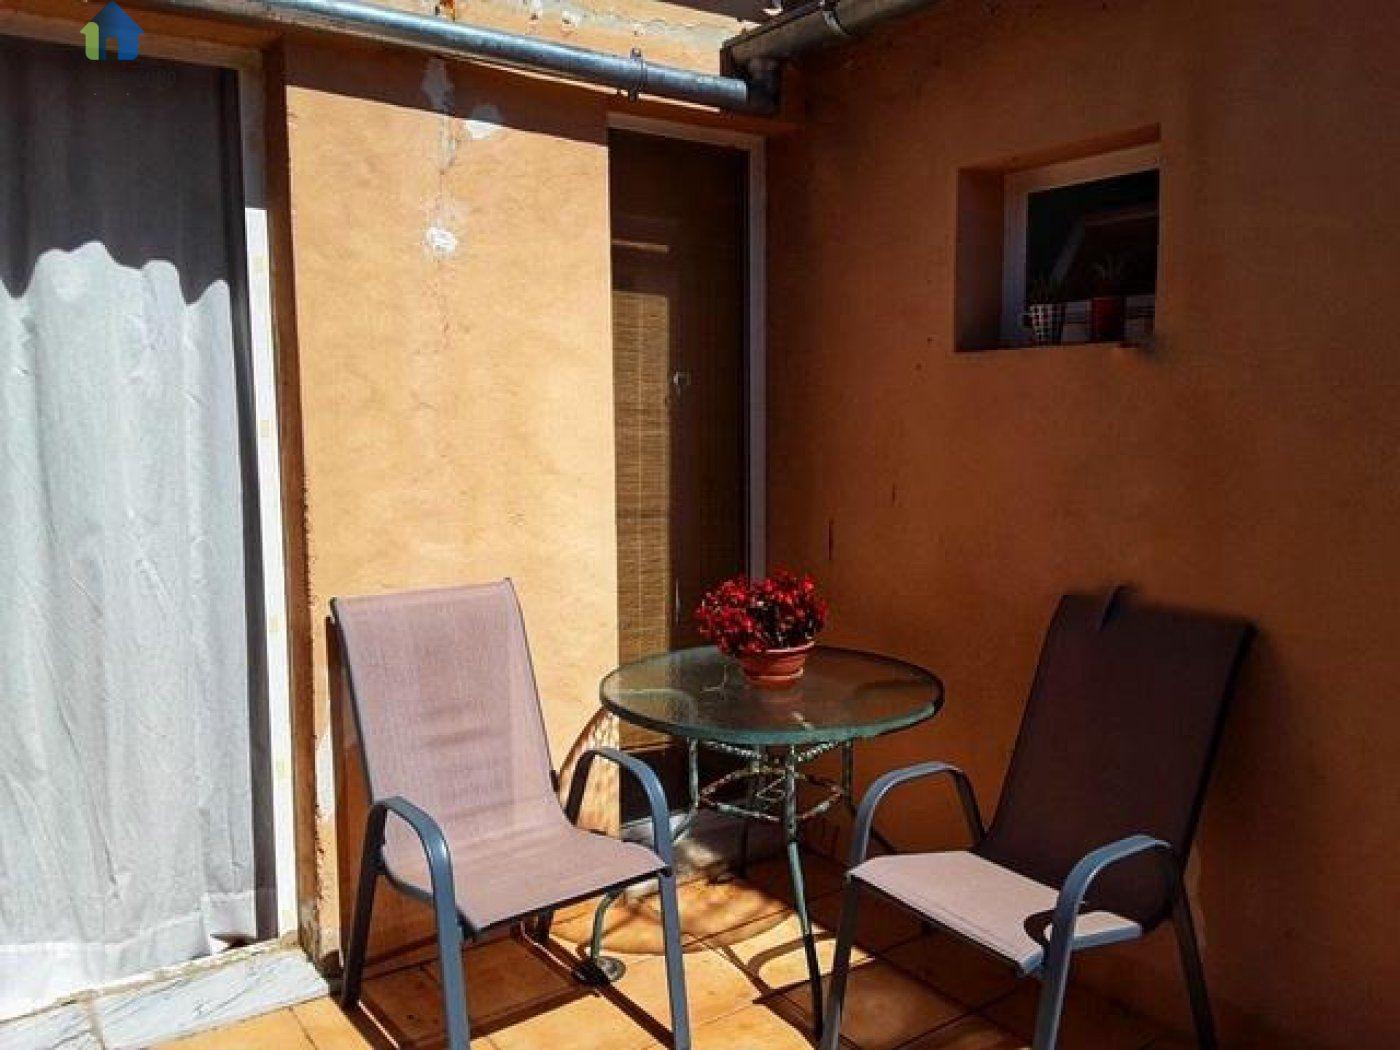 Alquiler Piso  Campanet ,campanet. Apartamento con gran patio y vistas a montaña en campanet